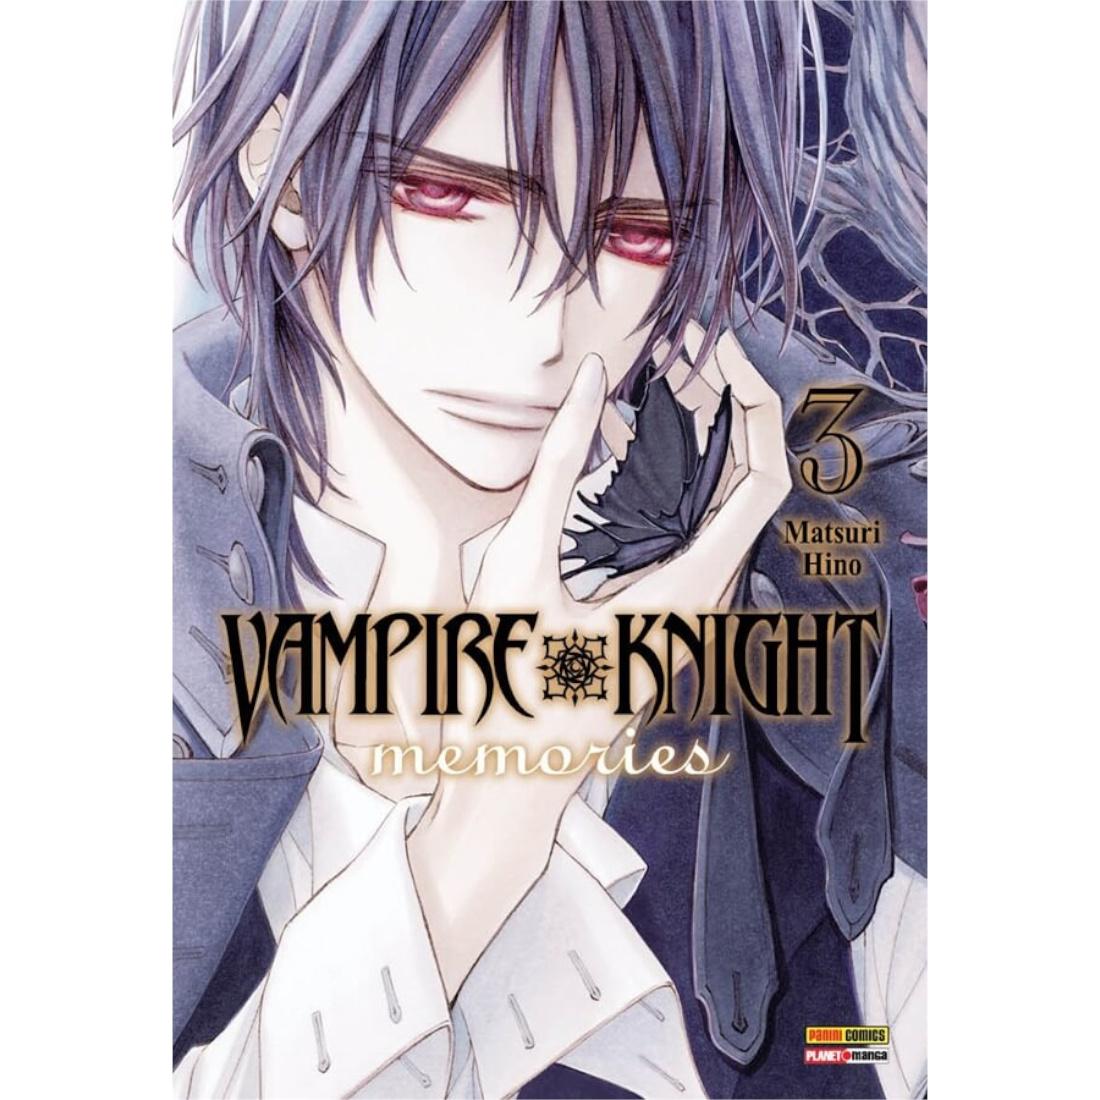 Vampire Knight Memories Vol. 3